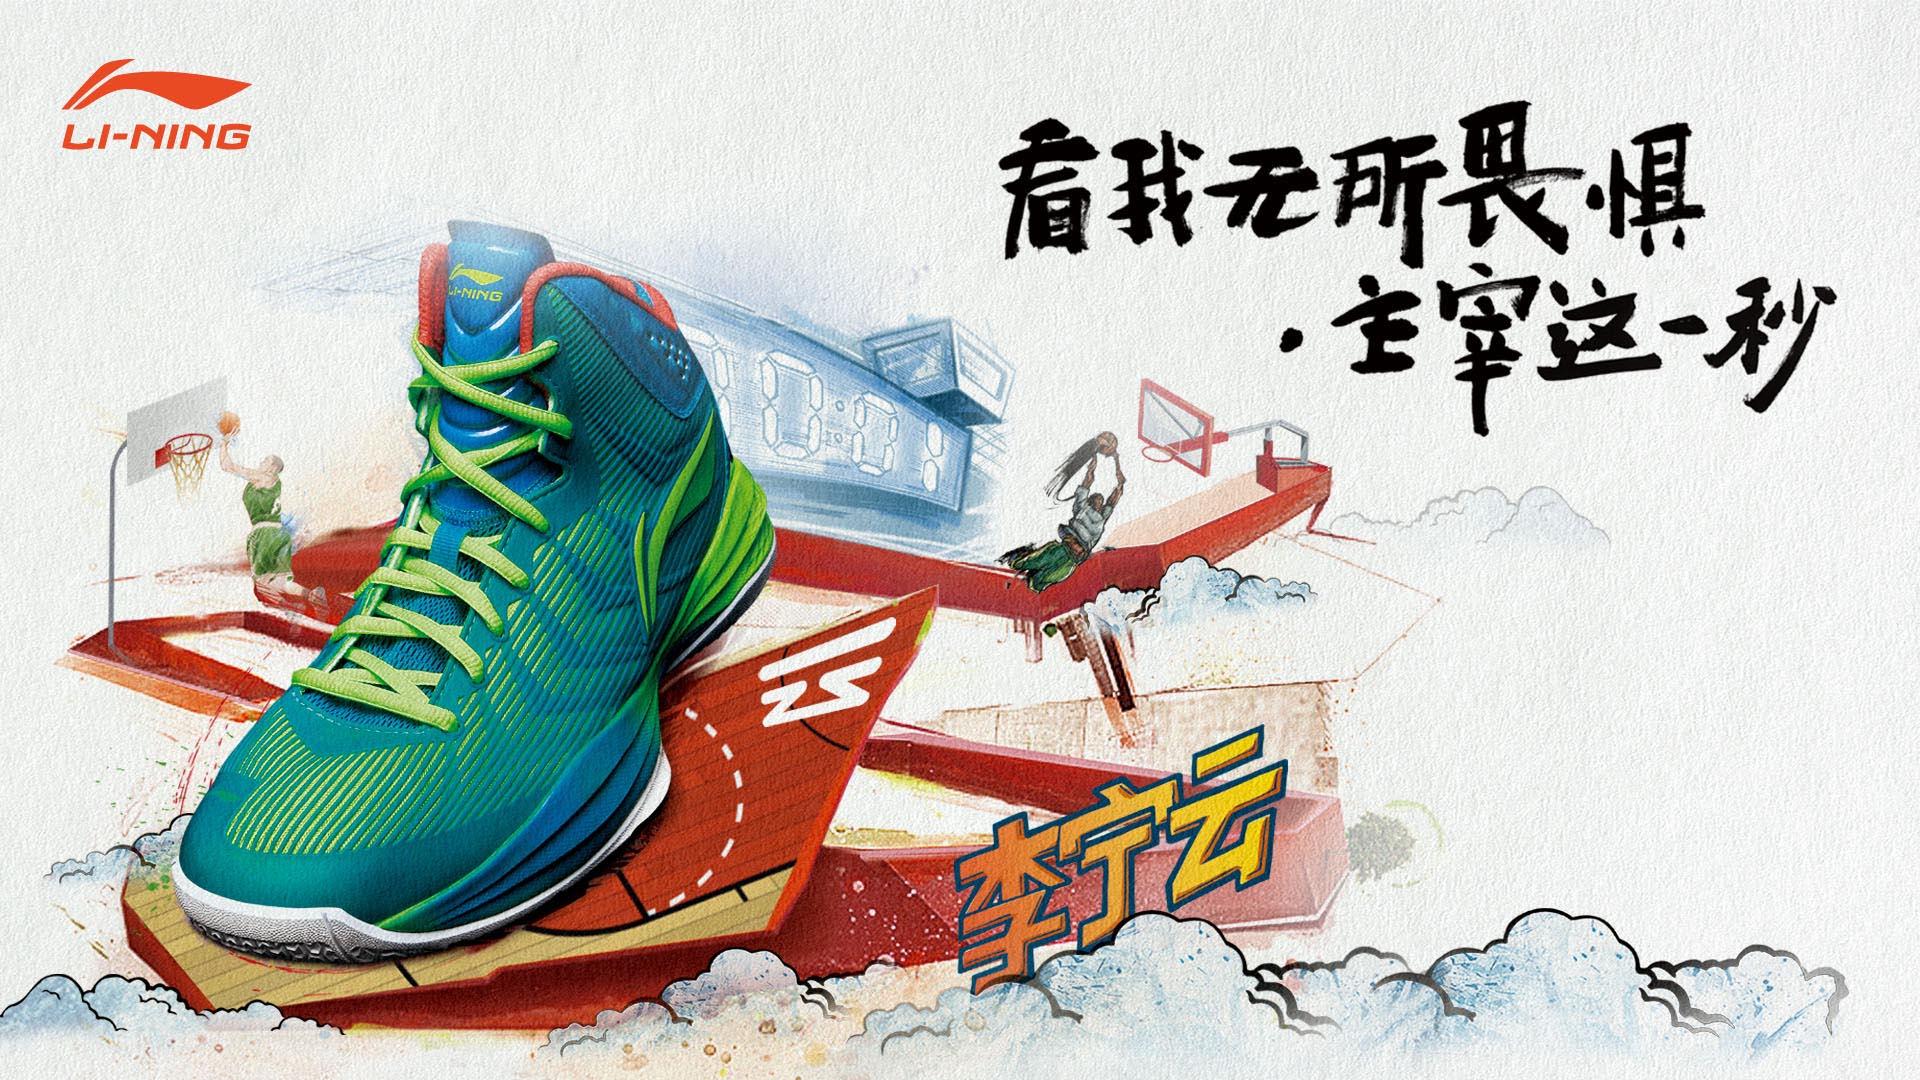 李宁云篮球鞋闪亮登场